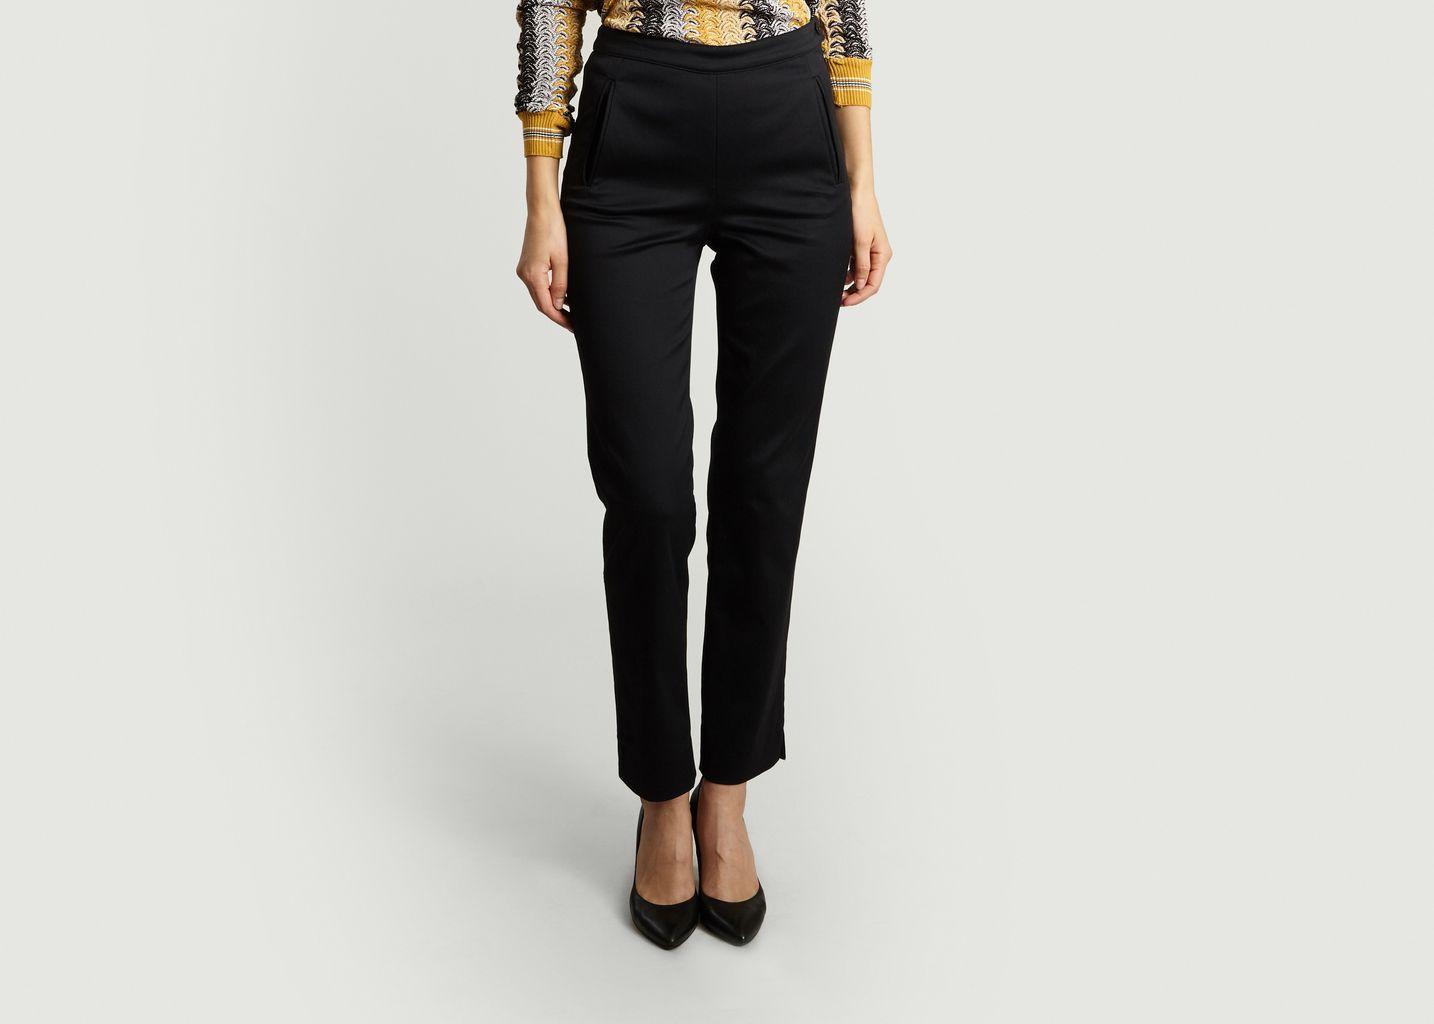 Pantalon Regate - agnès b.